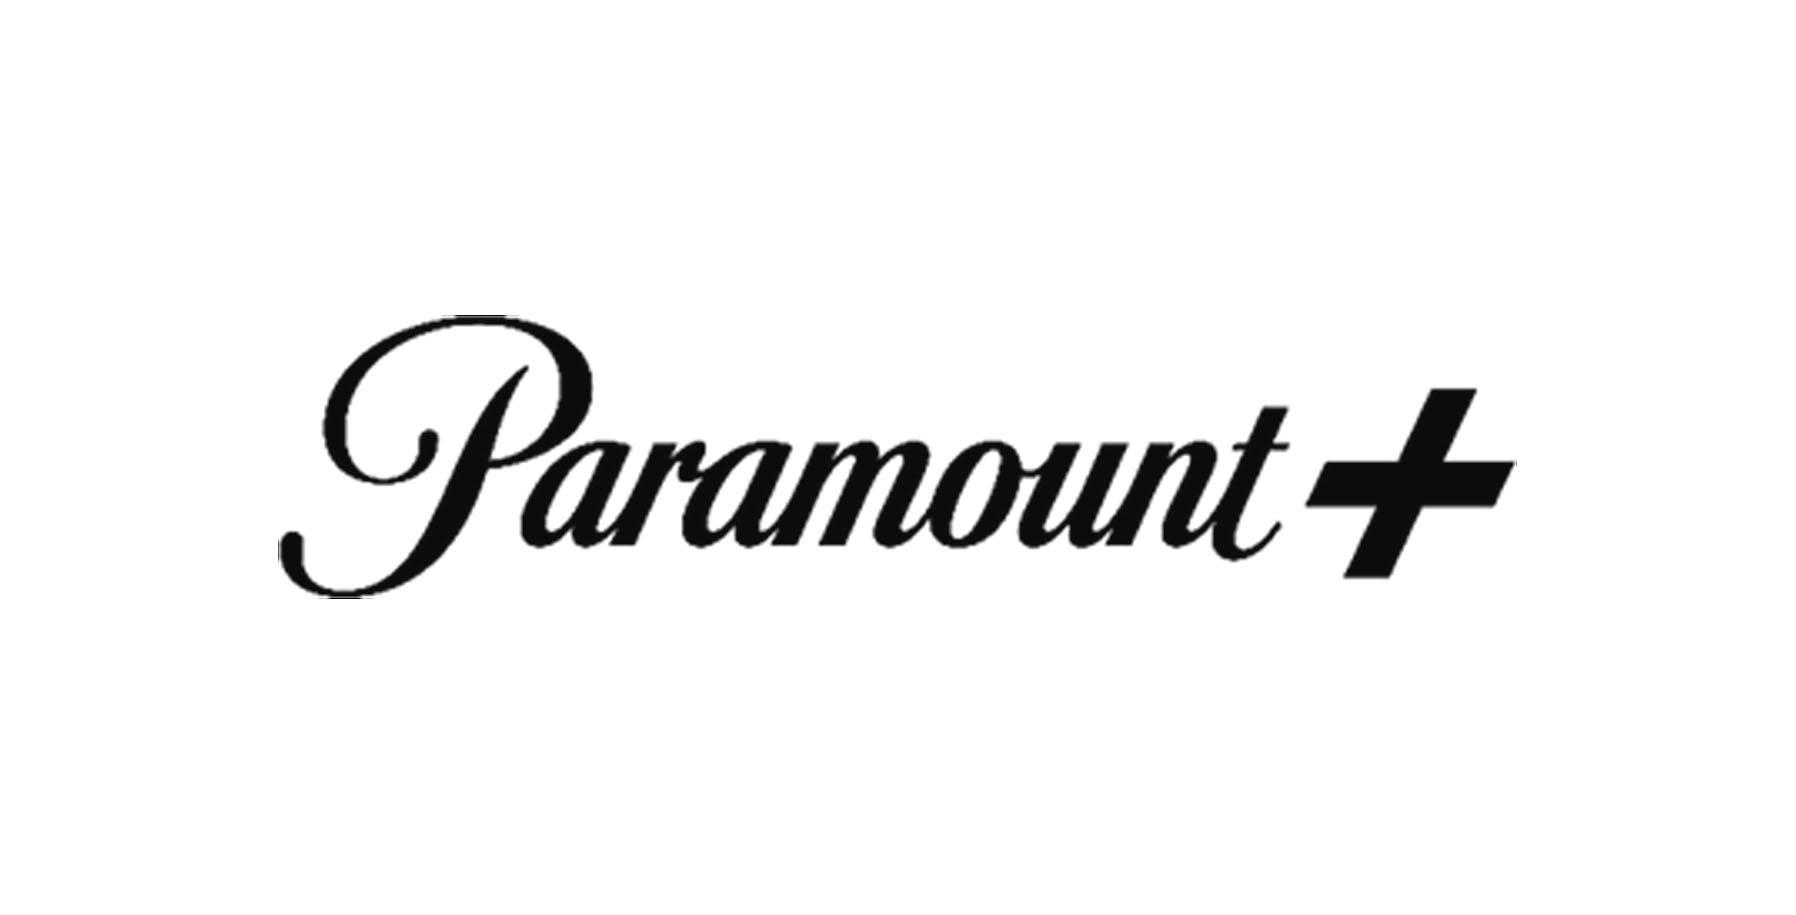 Paramount estrena plataforma de streaming